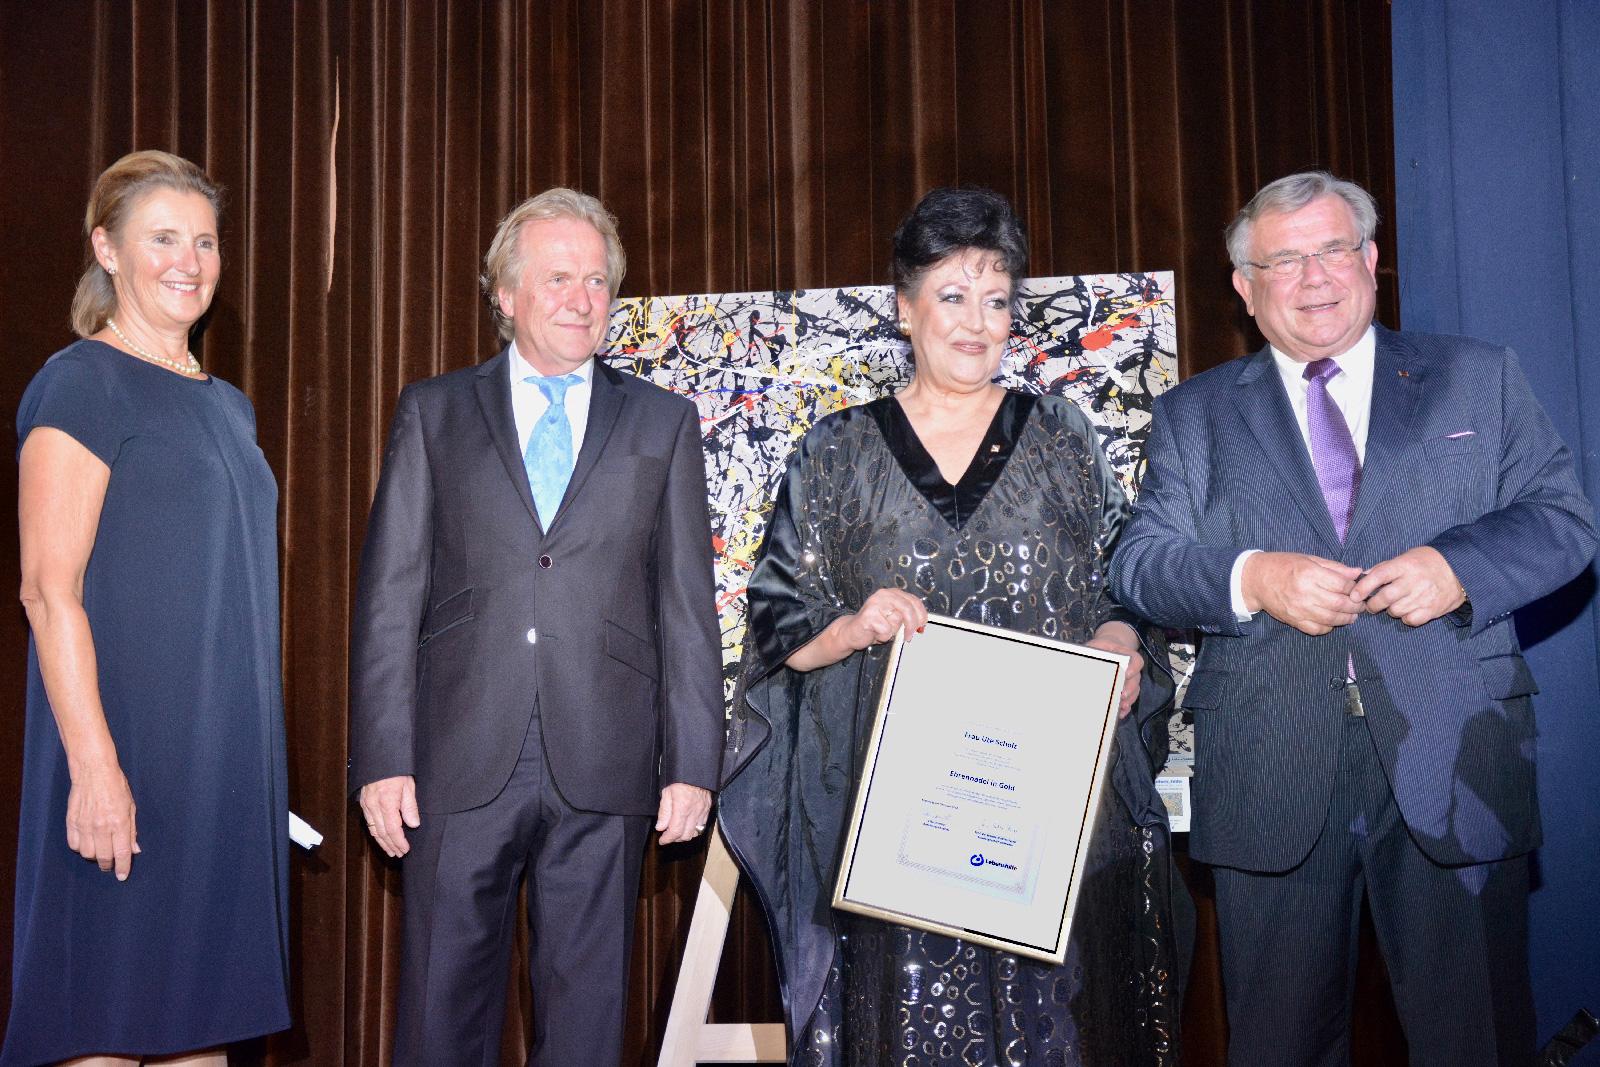 Für ihr herausragendes Engagement für Menschen mit geistiger Behinderung und die Lebenshilfe Nürnberger Land wurde Ute Scholz mit der Goldenen Ehrennadel, der höchsten Auszeichnung der Lebenshilfe, ausgezeichnet. Überreicht wurde sie von der stellvertrete